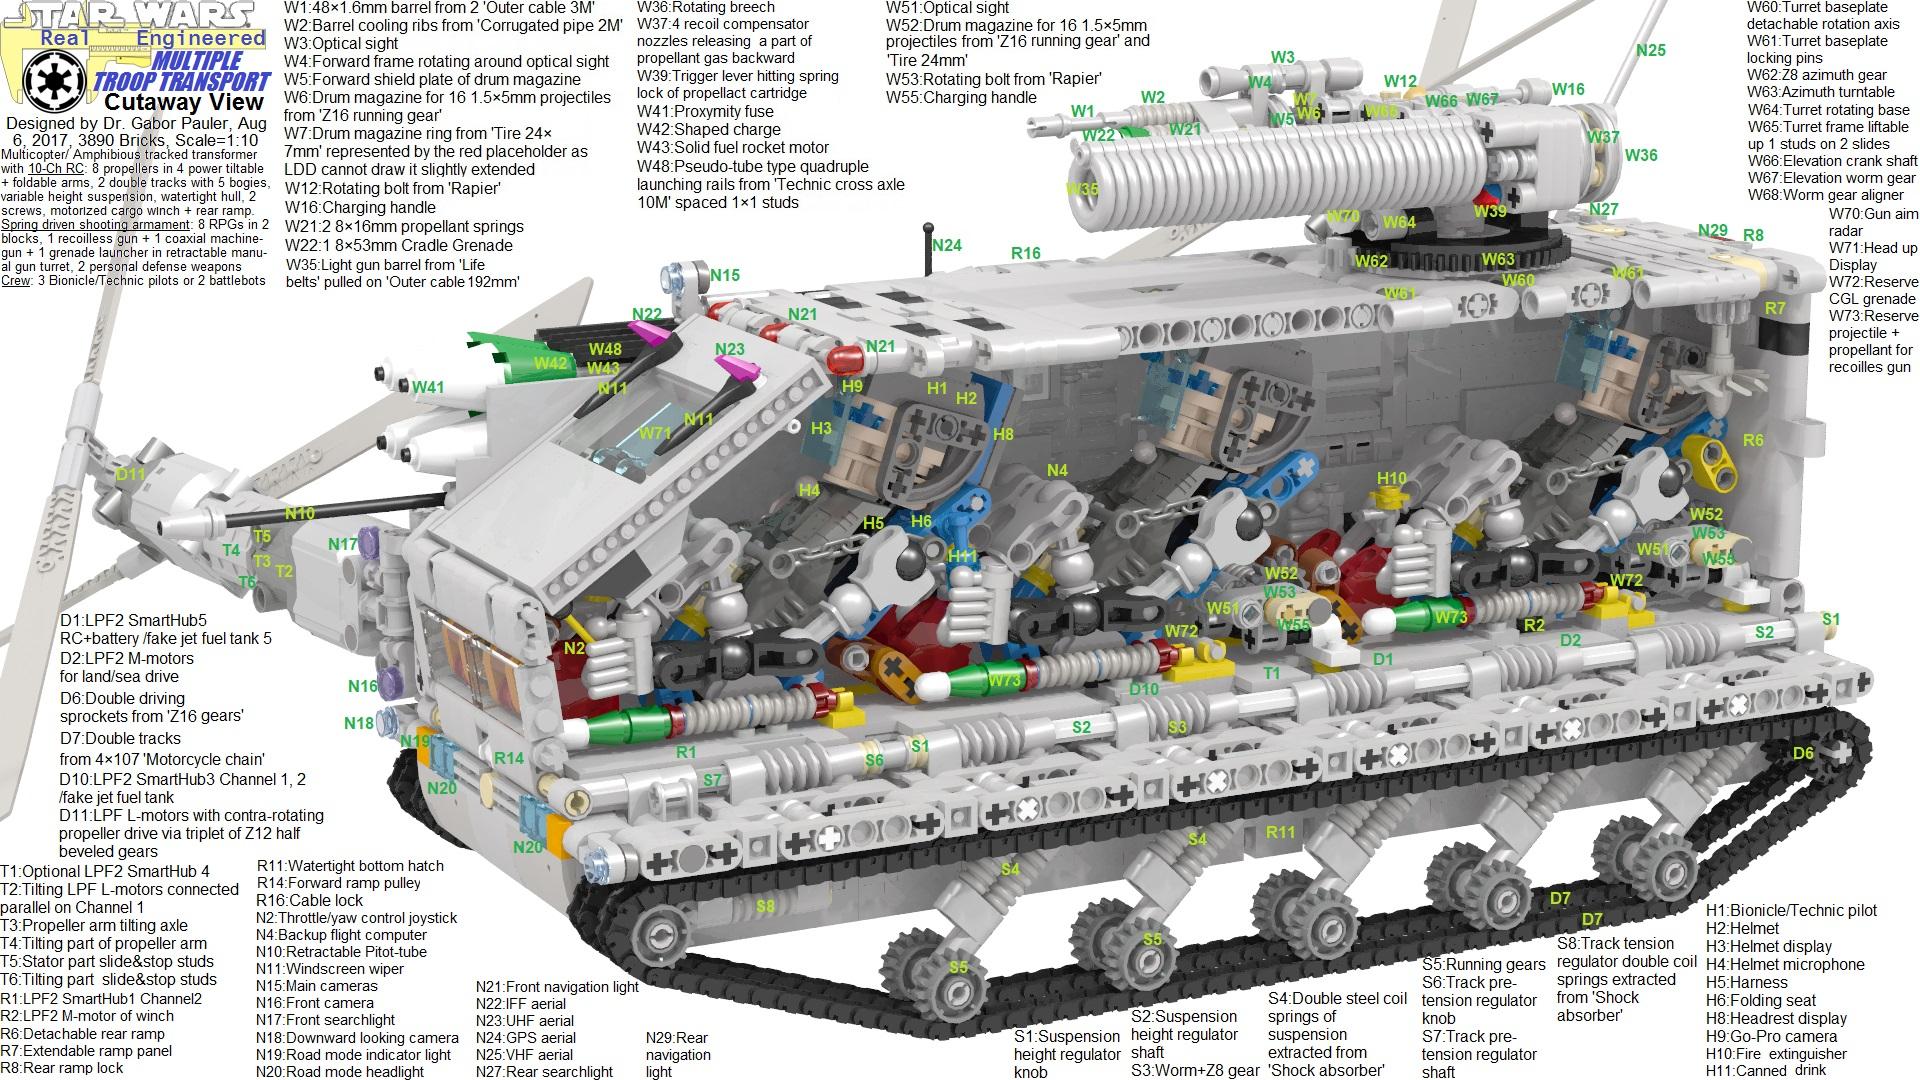 Multiple Troop Transport flight cutaway view